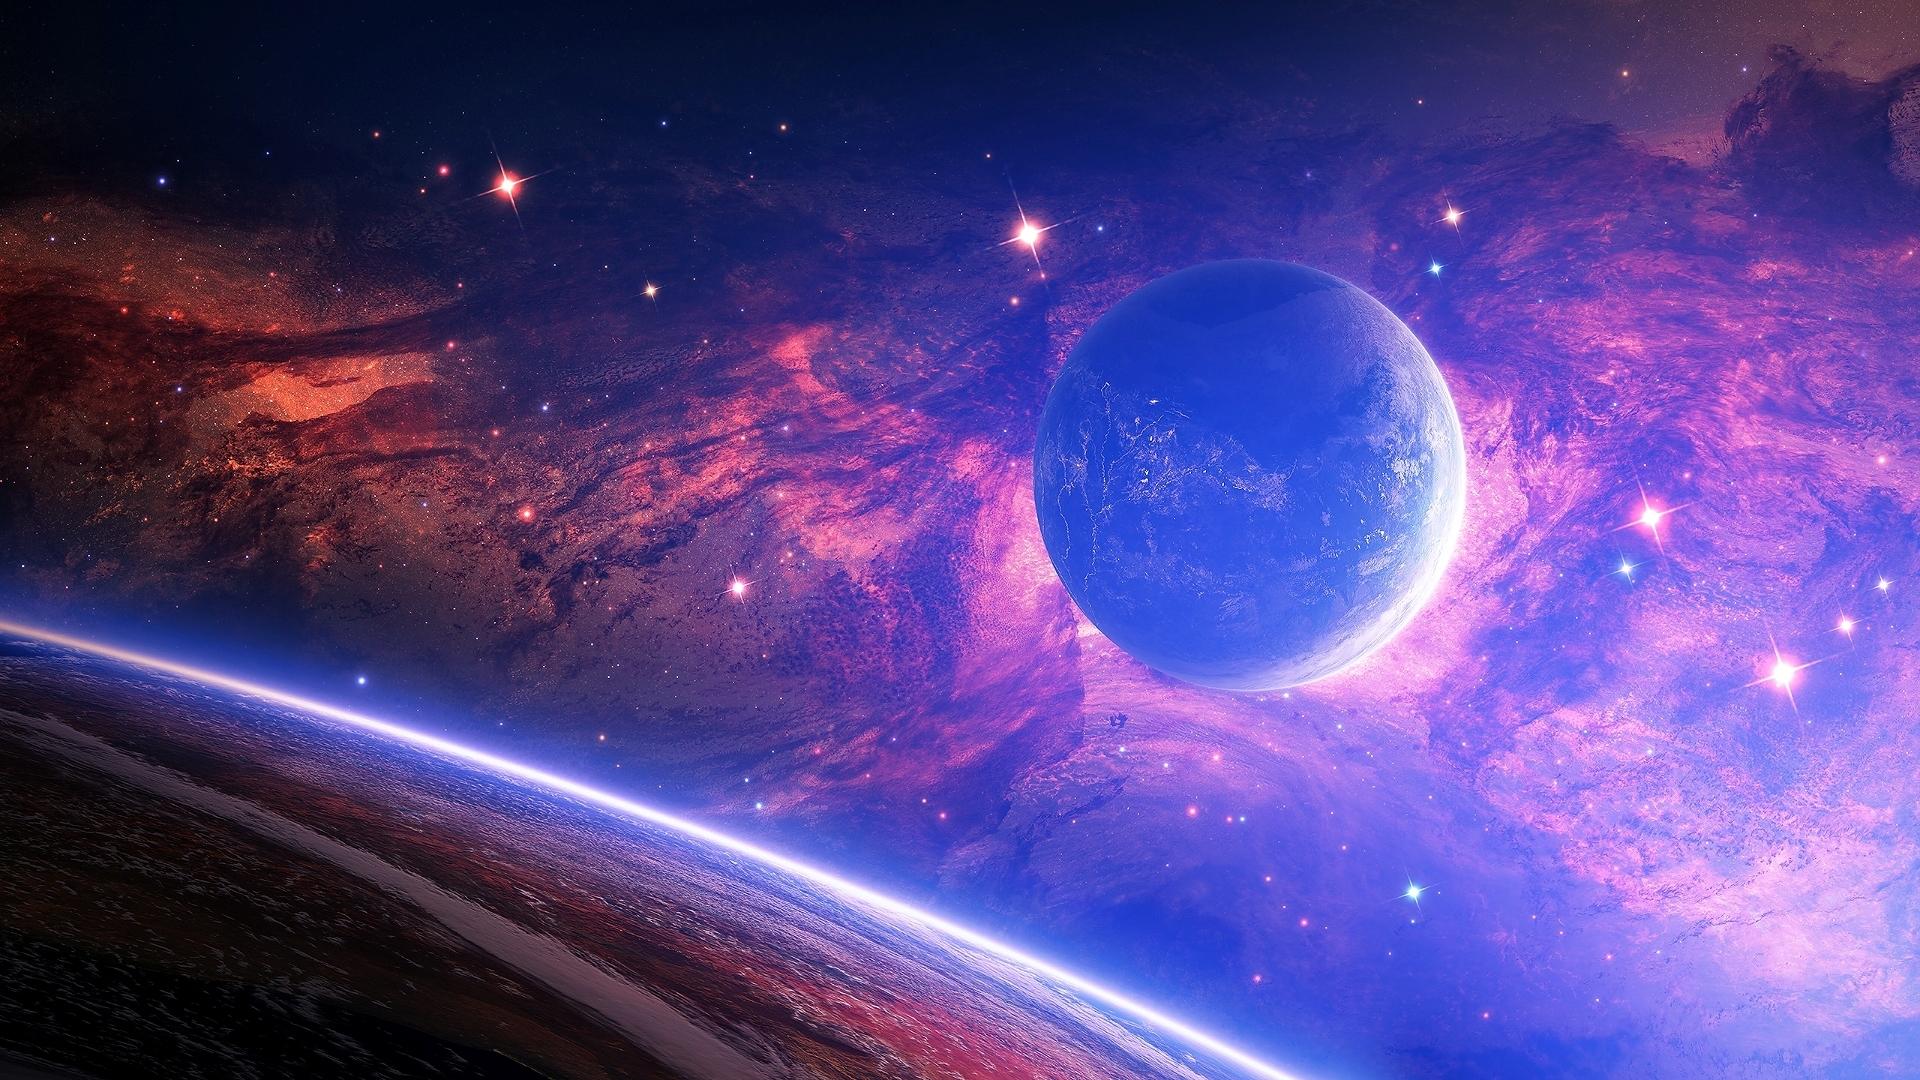 fond d ecran planete terre Page